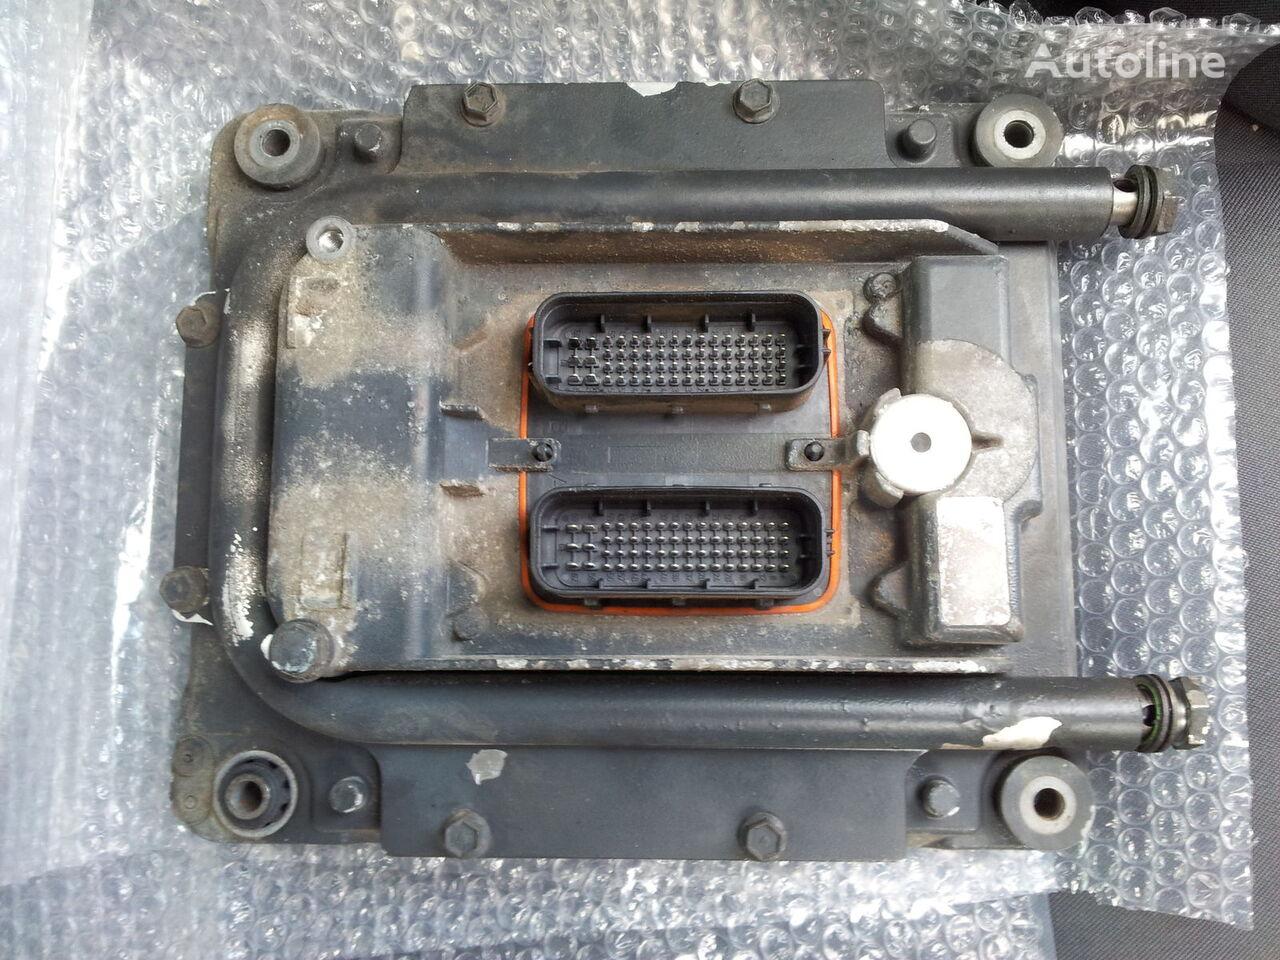 блок управления  Renault Magnum DXI, engine control unit, EDC, ECU, 20977019 P03 для тягача RENAULT  Magnum DXI ECU